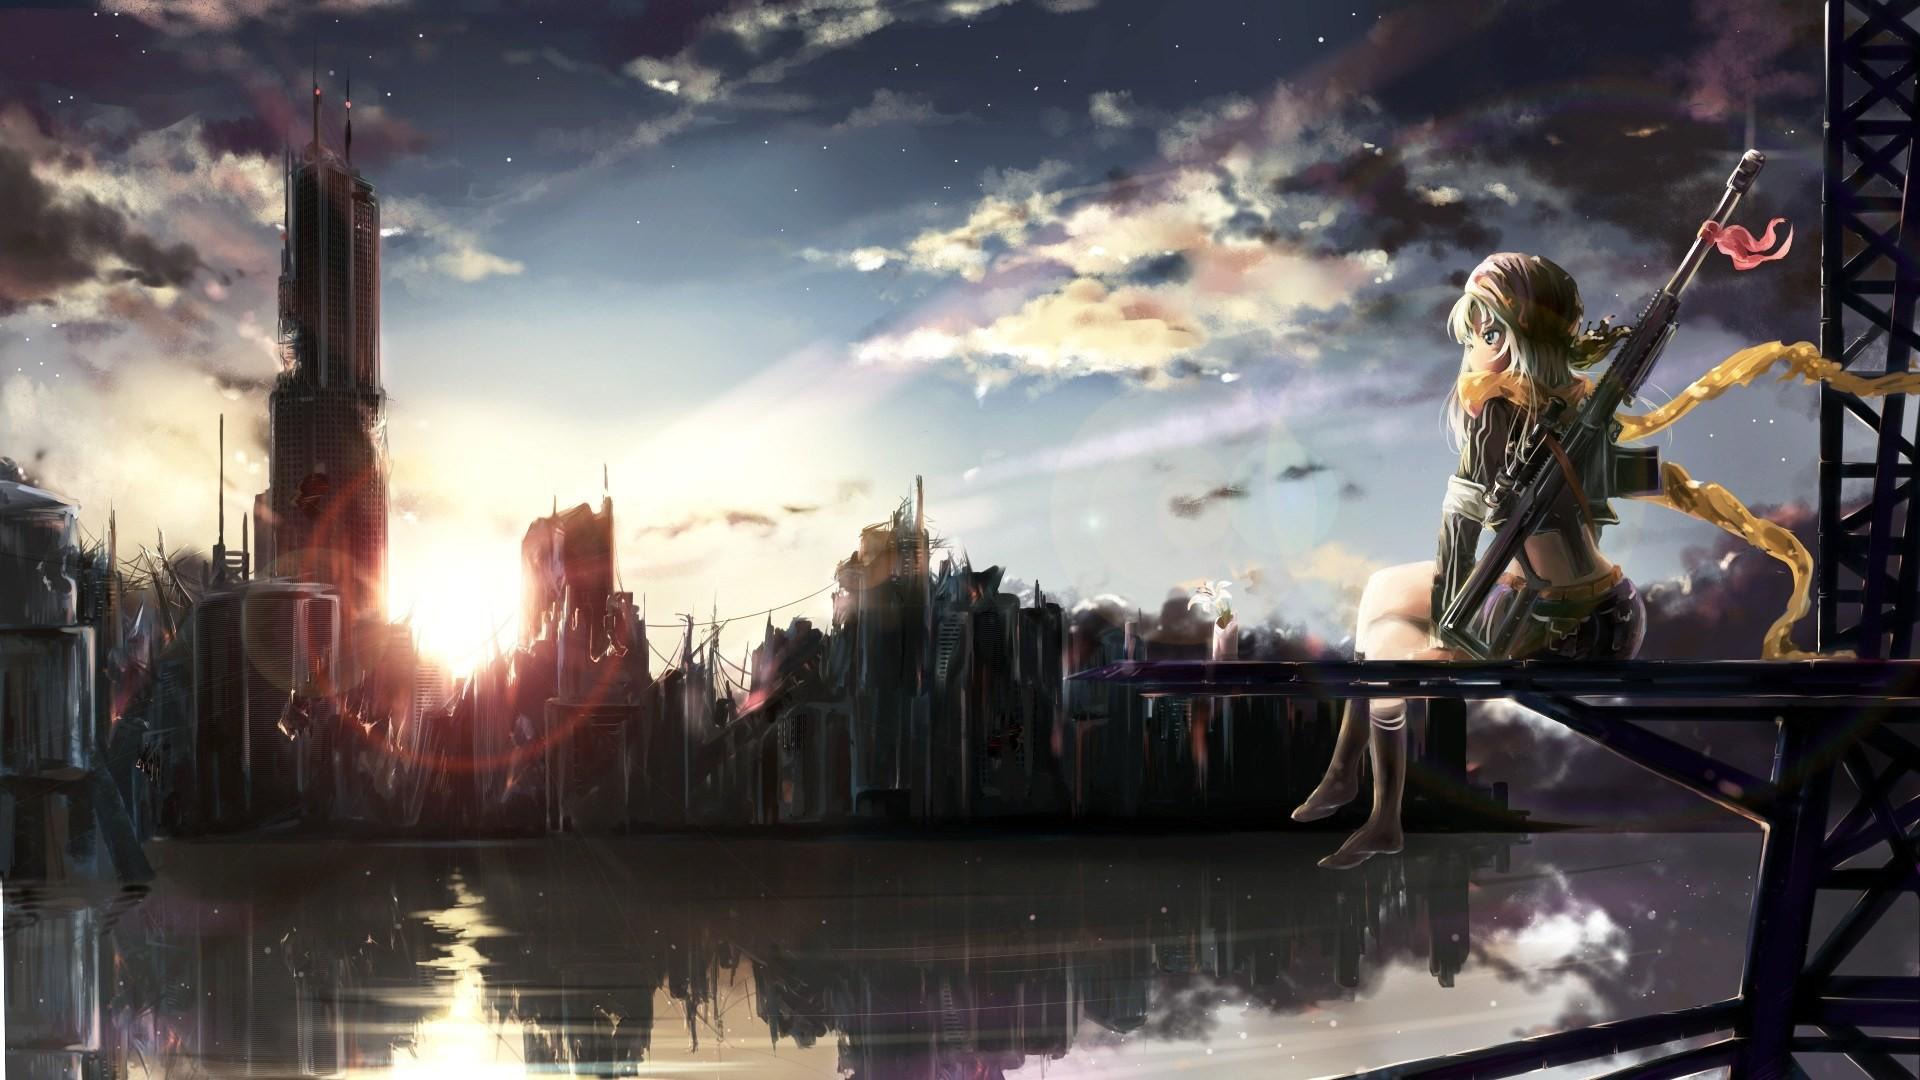 anime sniper wallpaper 9